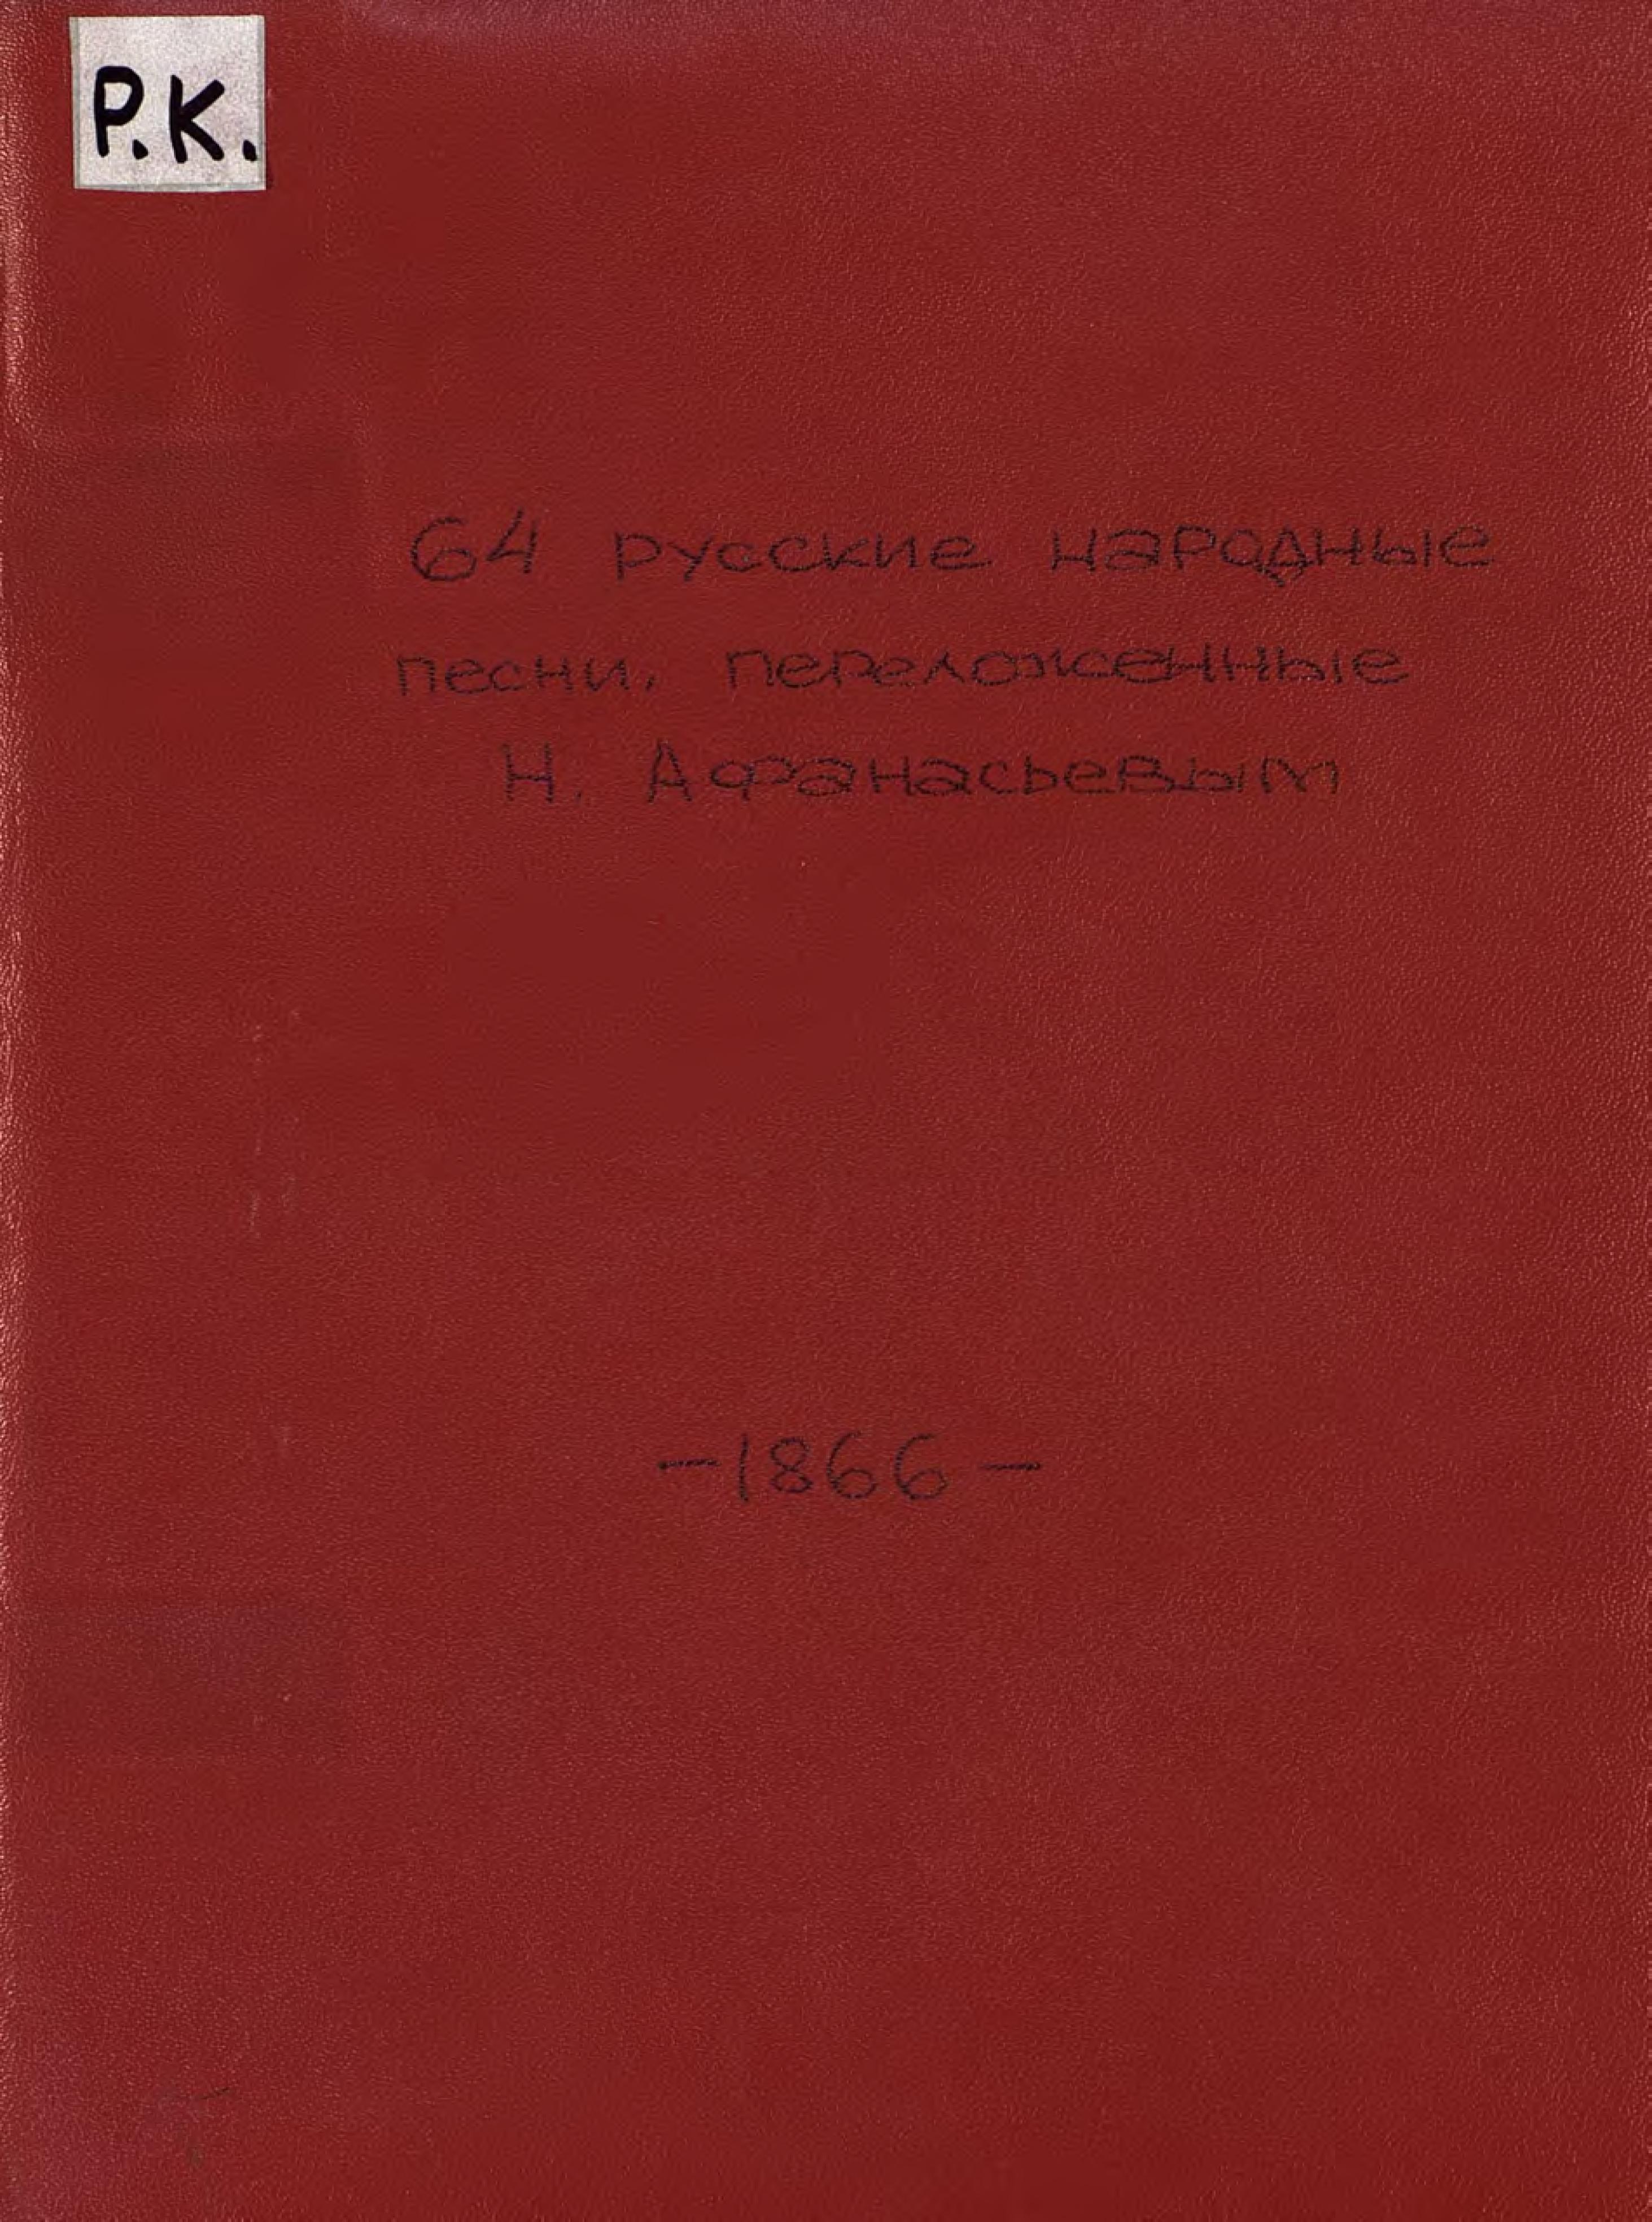 Народное творчество 64 русские народные песни, переложенные на 4, на 3 или на 6 голоса Н. Афанасьевым народное творчество занимается день народные и казачьи песни